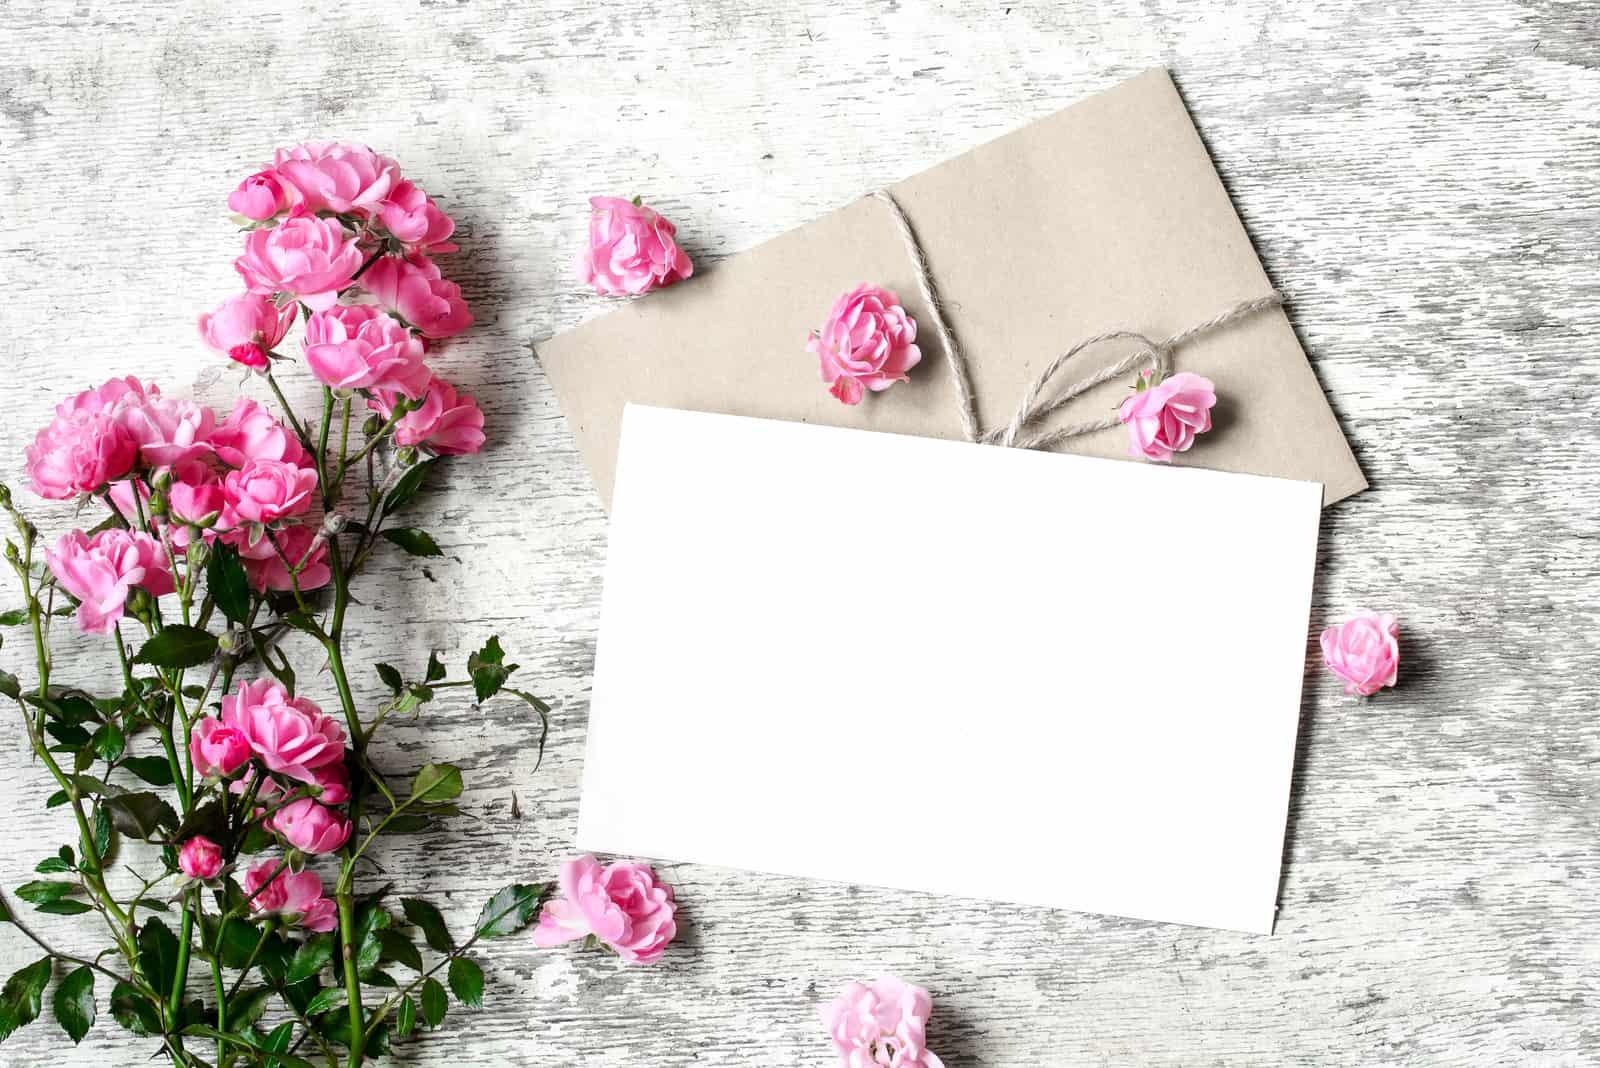 Rosenstrauß mit einer leeren Grußkarte